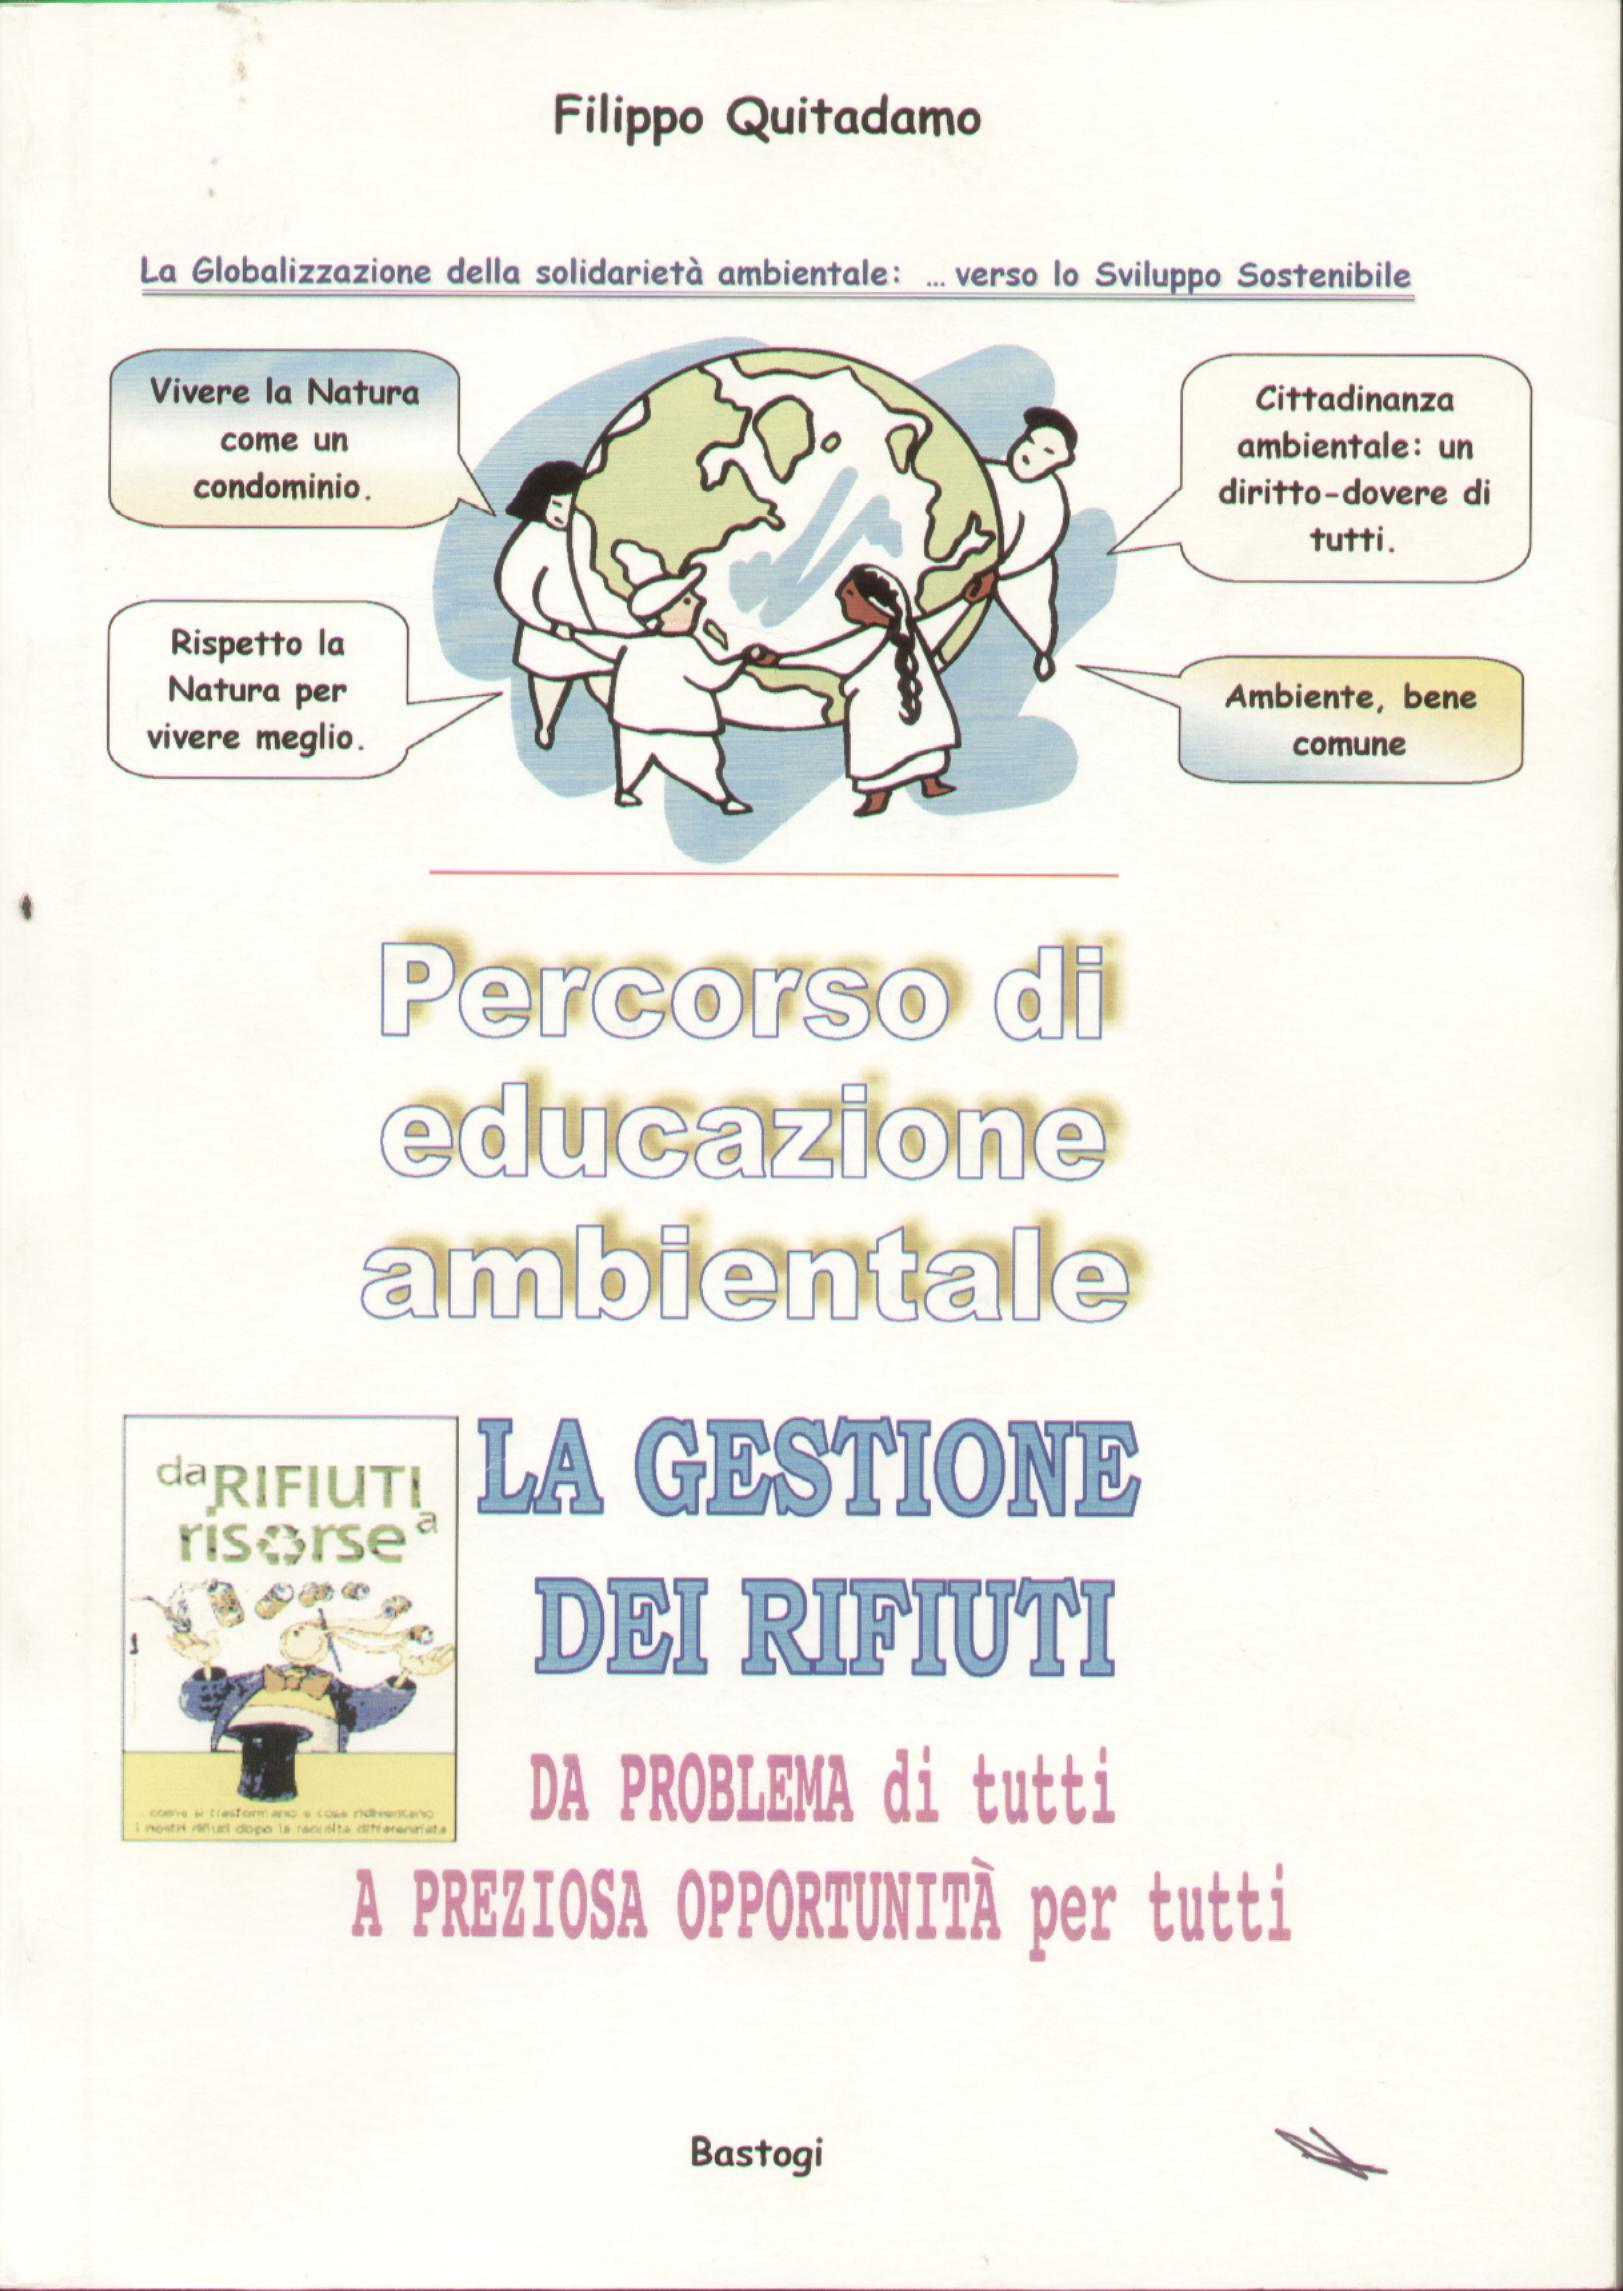 Percorso di educazione ambientale